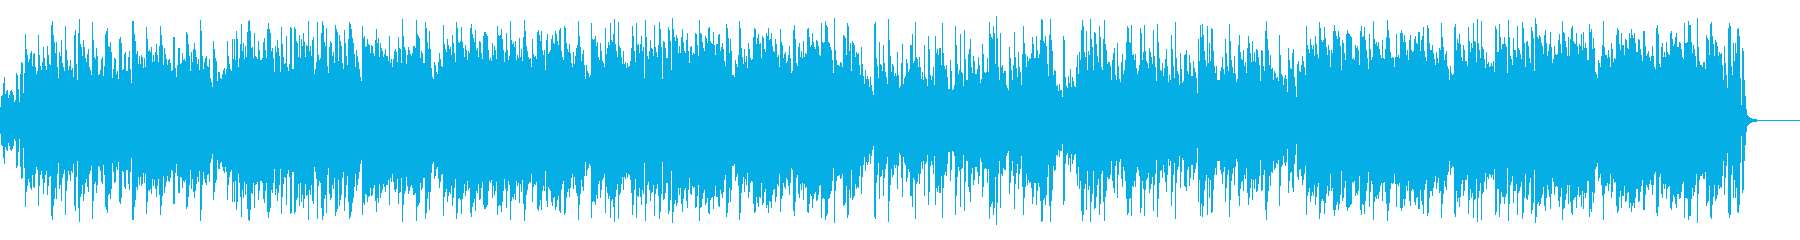 ノスタルジックでお洒落なアコーディオンの再生済みの波形